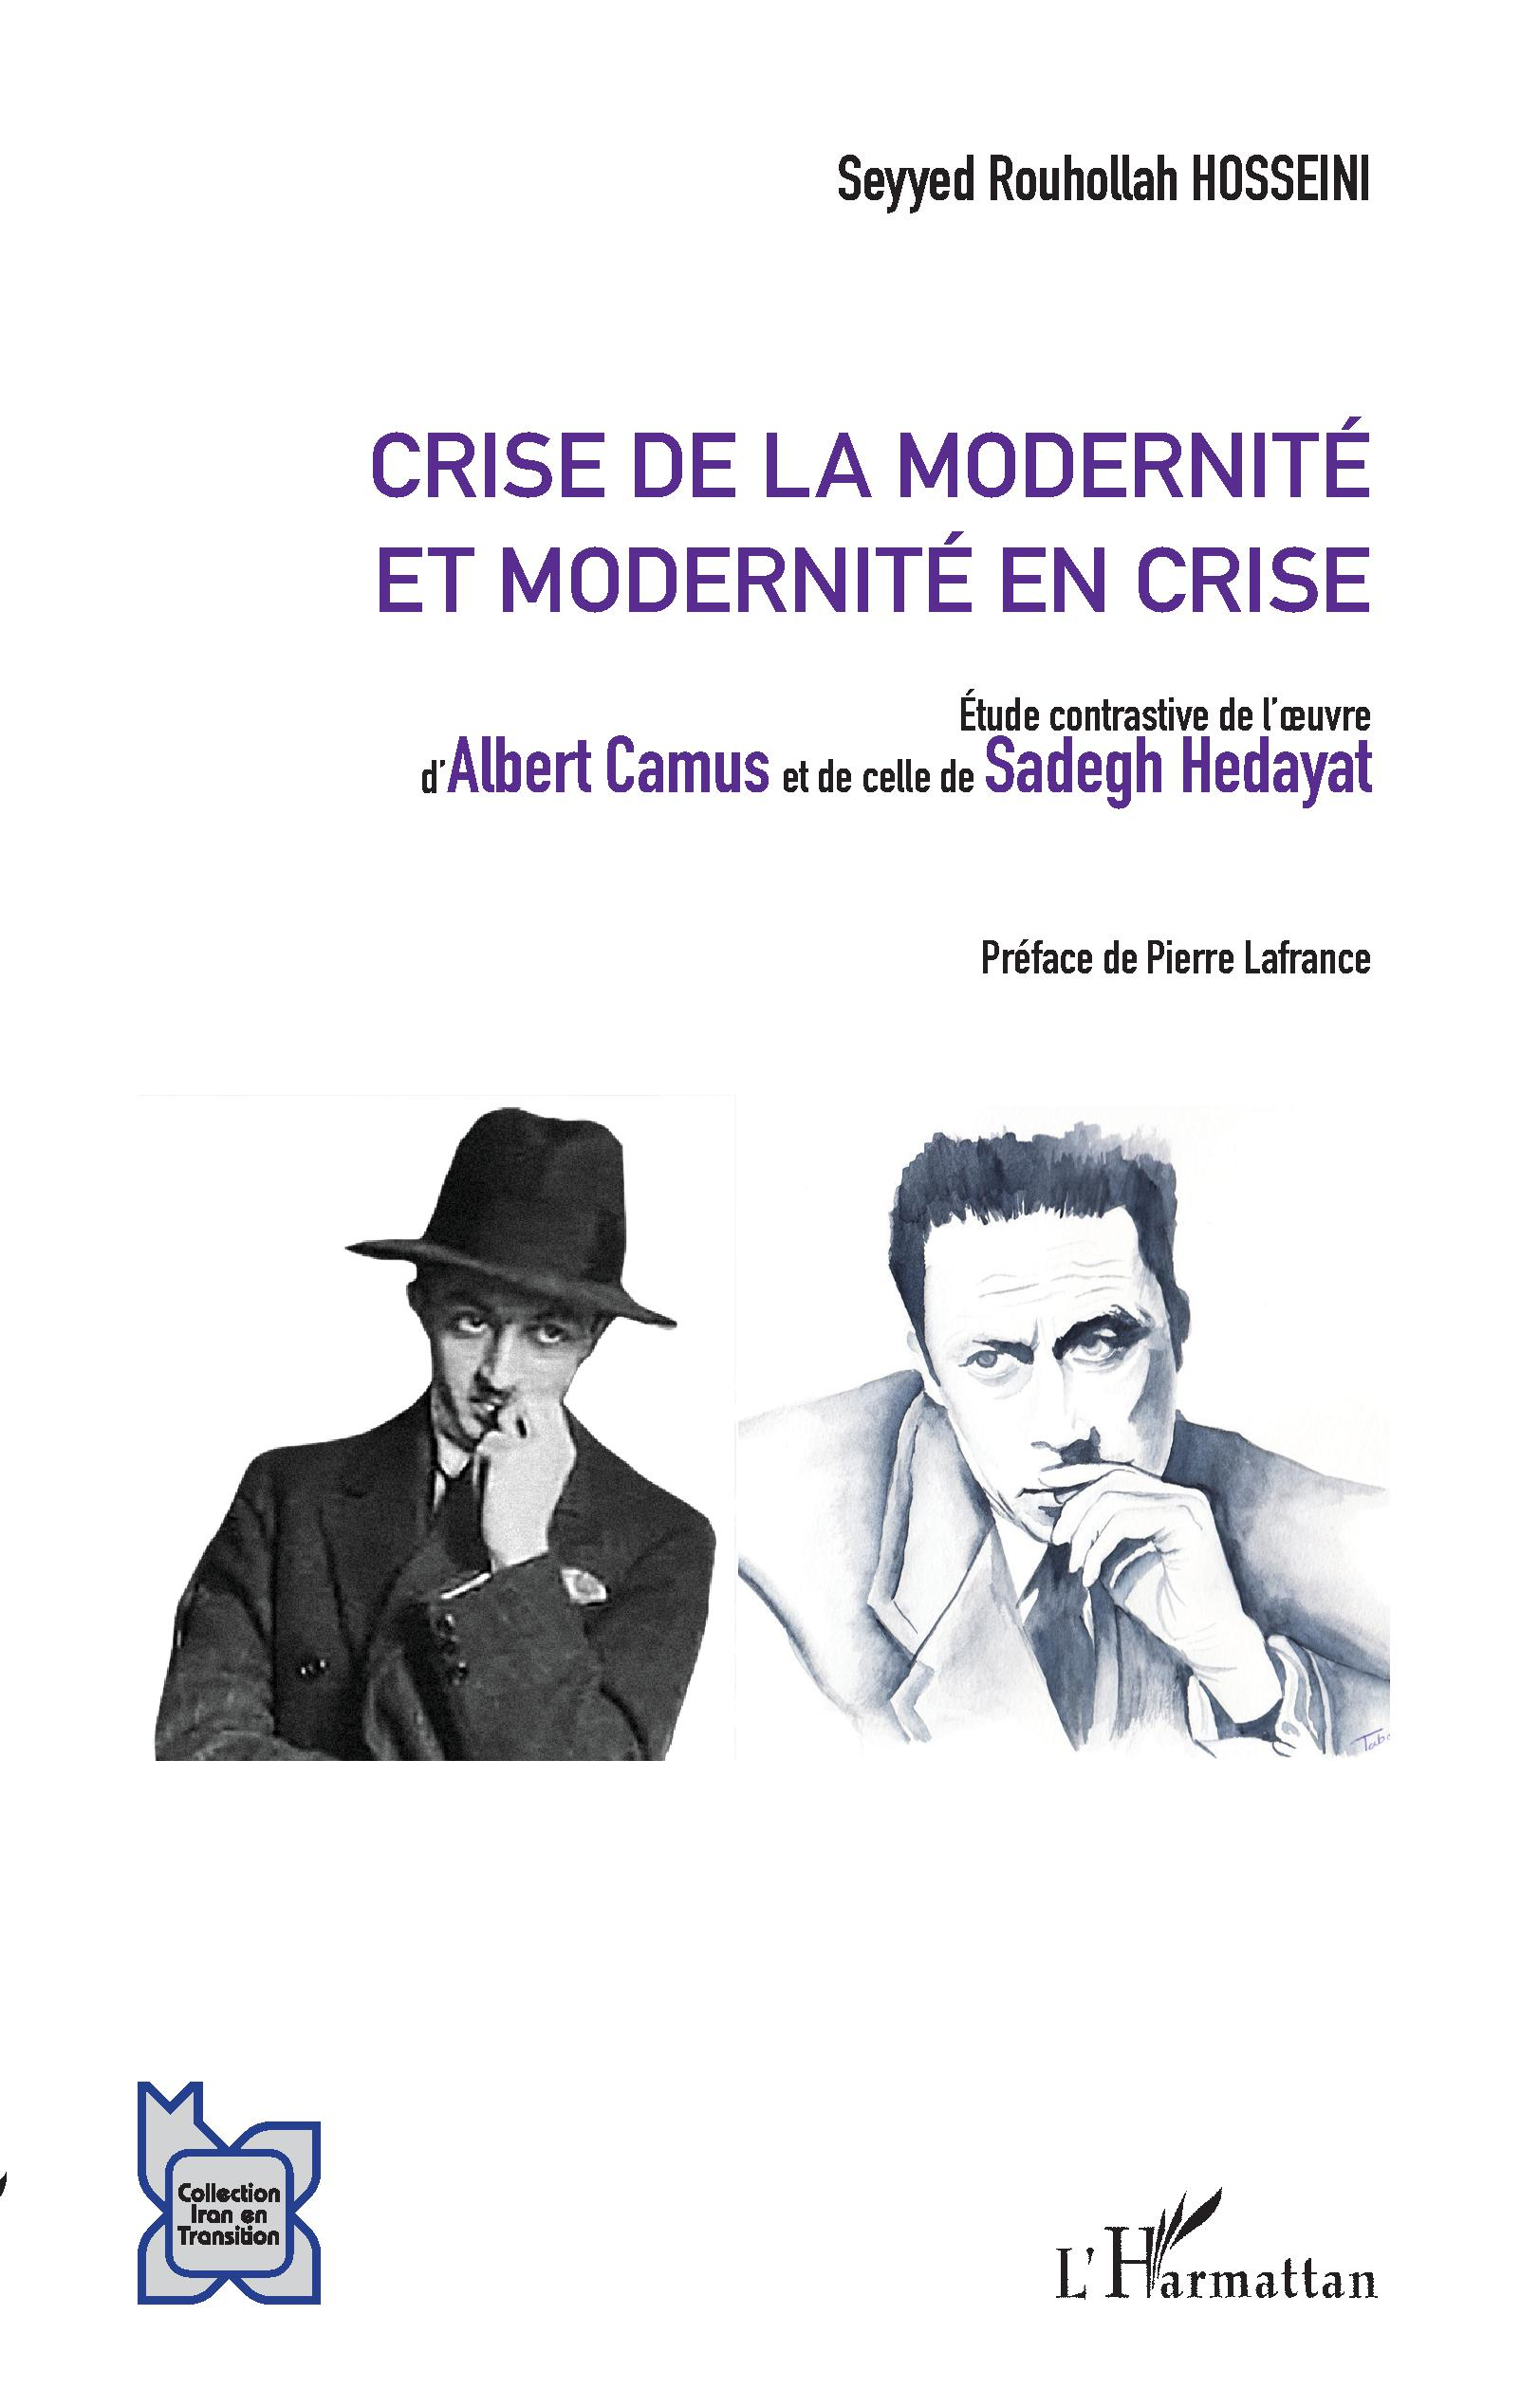 S. Rouholla Hosseini, Crise de la modernité et modernité en crise - Etude contrastive de l'oeuvre d'Albert Camus et de celle de Sadegh Hedayat